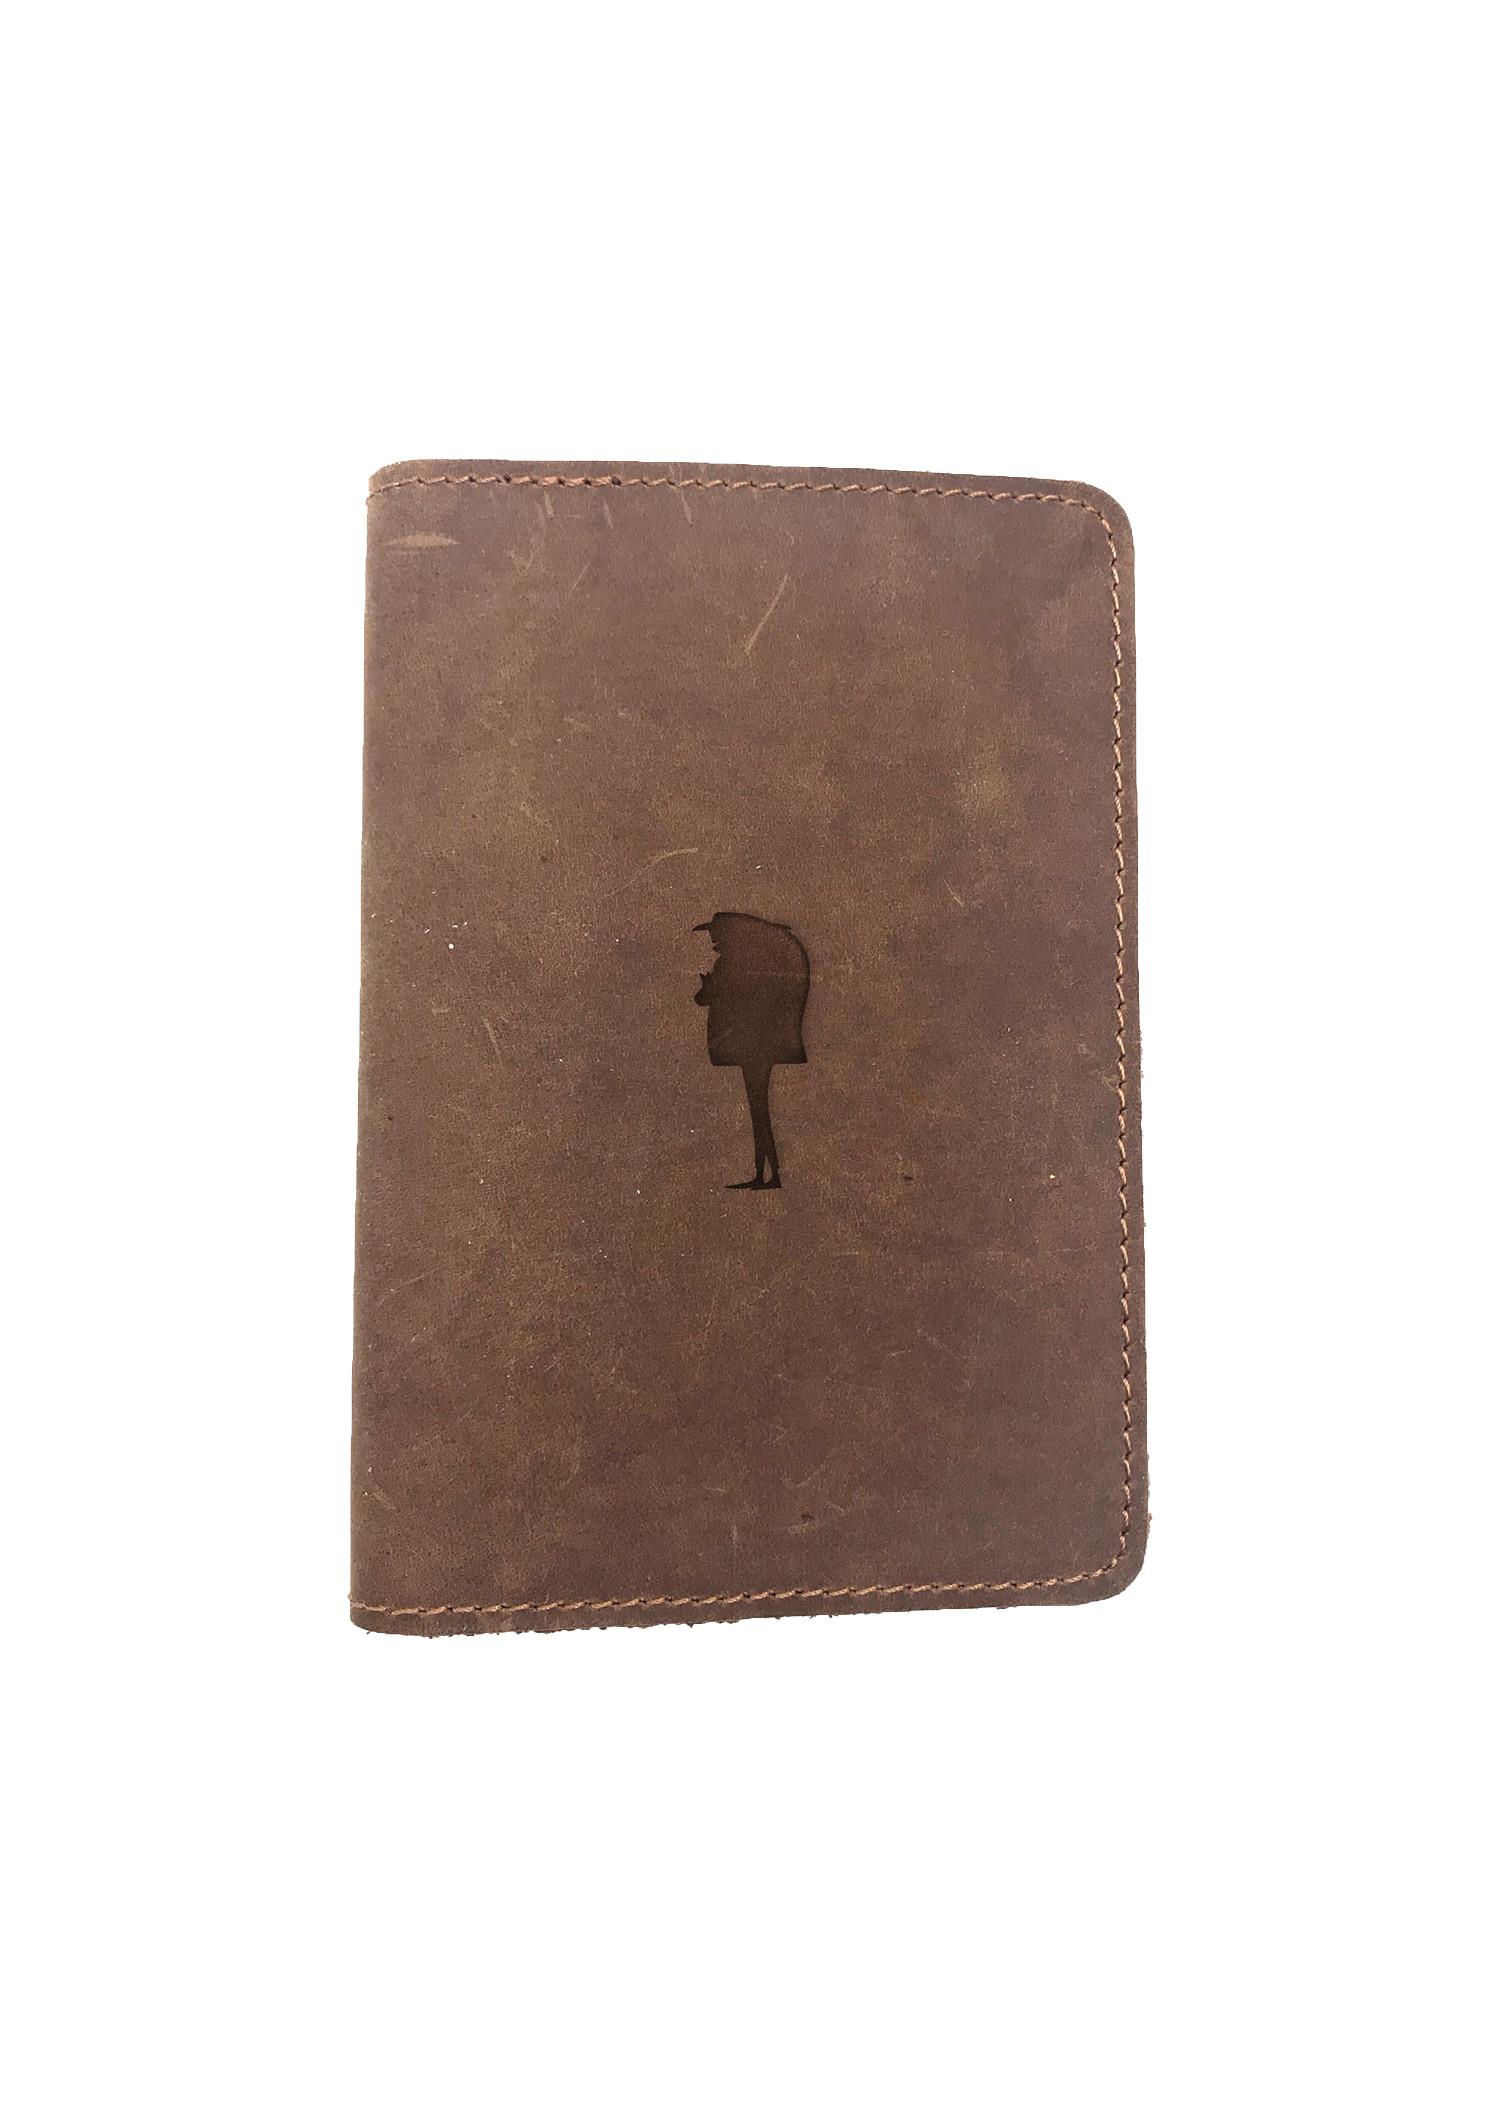 Passport Cover Bao Da Hộ Chiếu Da Sáp Khắc Hình Hoạt hình MINI GRZ MINION (BROWN) - 15699969 , 9313589849306 , 62_27855009 , 450000 , Passport-Cover-Bao-Da-Ho-Chieu-Da-Sap-Khac-Hinh-Hoat-hinh-MINI-GRZ-MINION-BROWN-62_27855009 , tiki.vn , Passport Cover Bao Da Hộ Chiếu Da Sáp Khắc Hình Hoạt hình MINI GRZ MINION (BROWN)